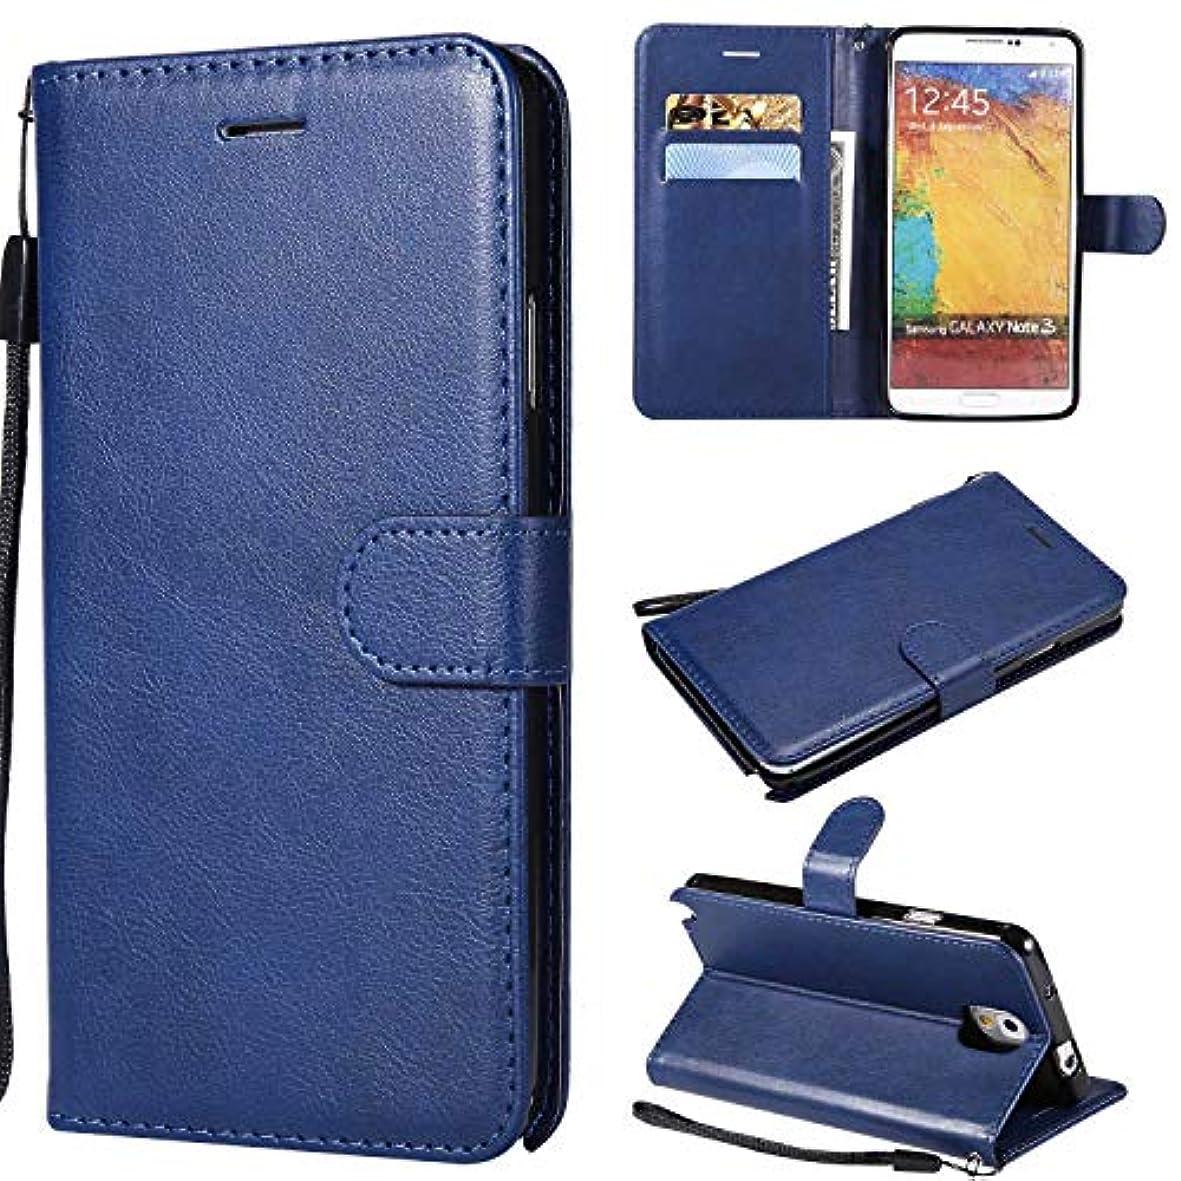 乱闘アナロジー電卓Galaxy Note 3 ケース手帳型 OMATENTI レザー 革 薄型 手帳型カバー カード入れ スタンド機能 サムスン Galaxy Note 3 おしゃれ 手帳ケース (6-ブルー)